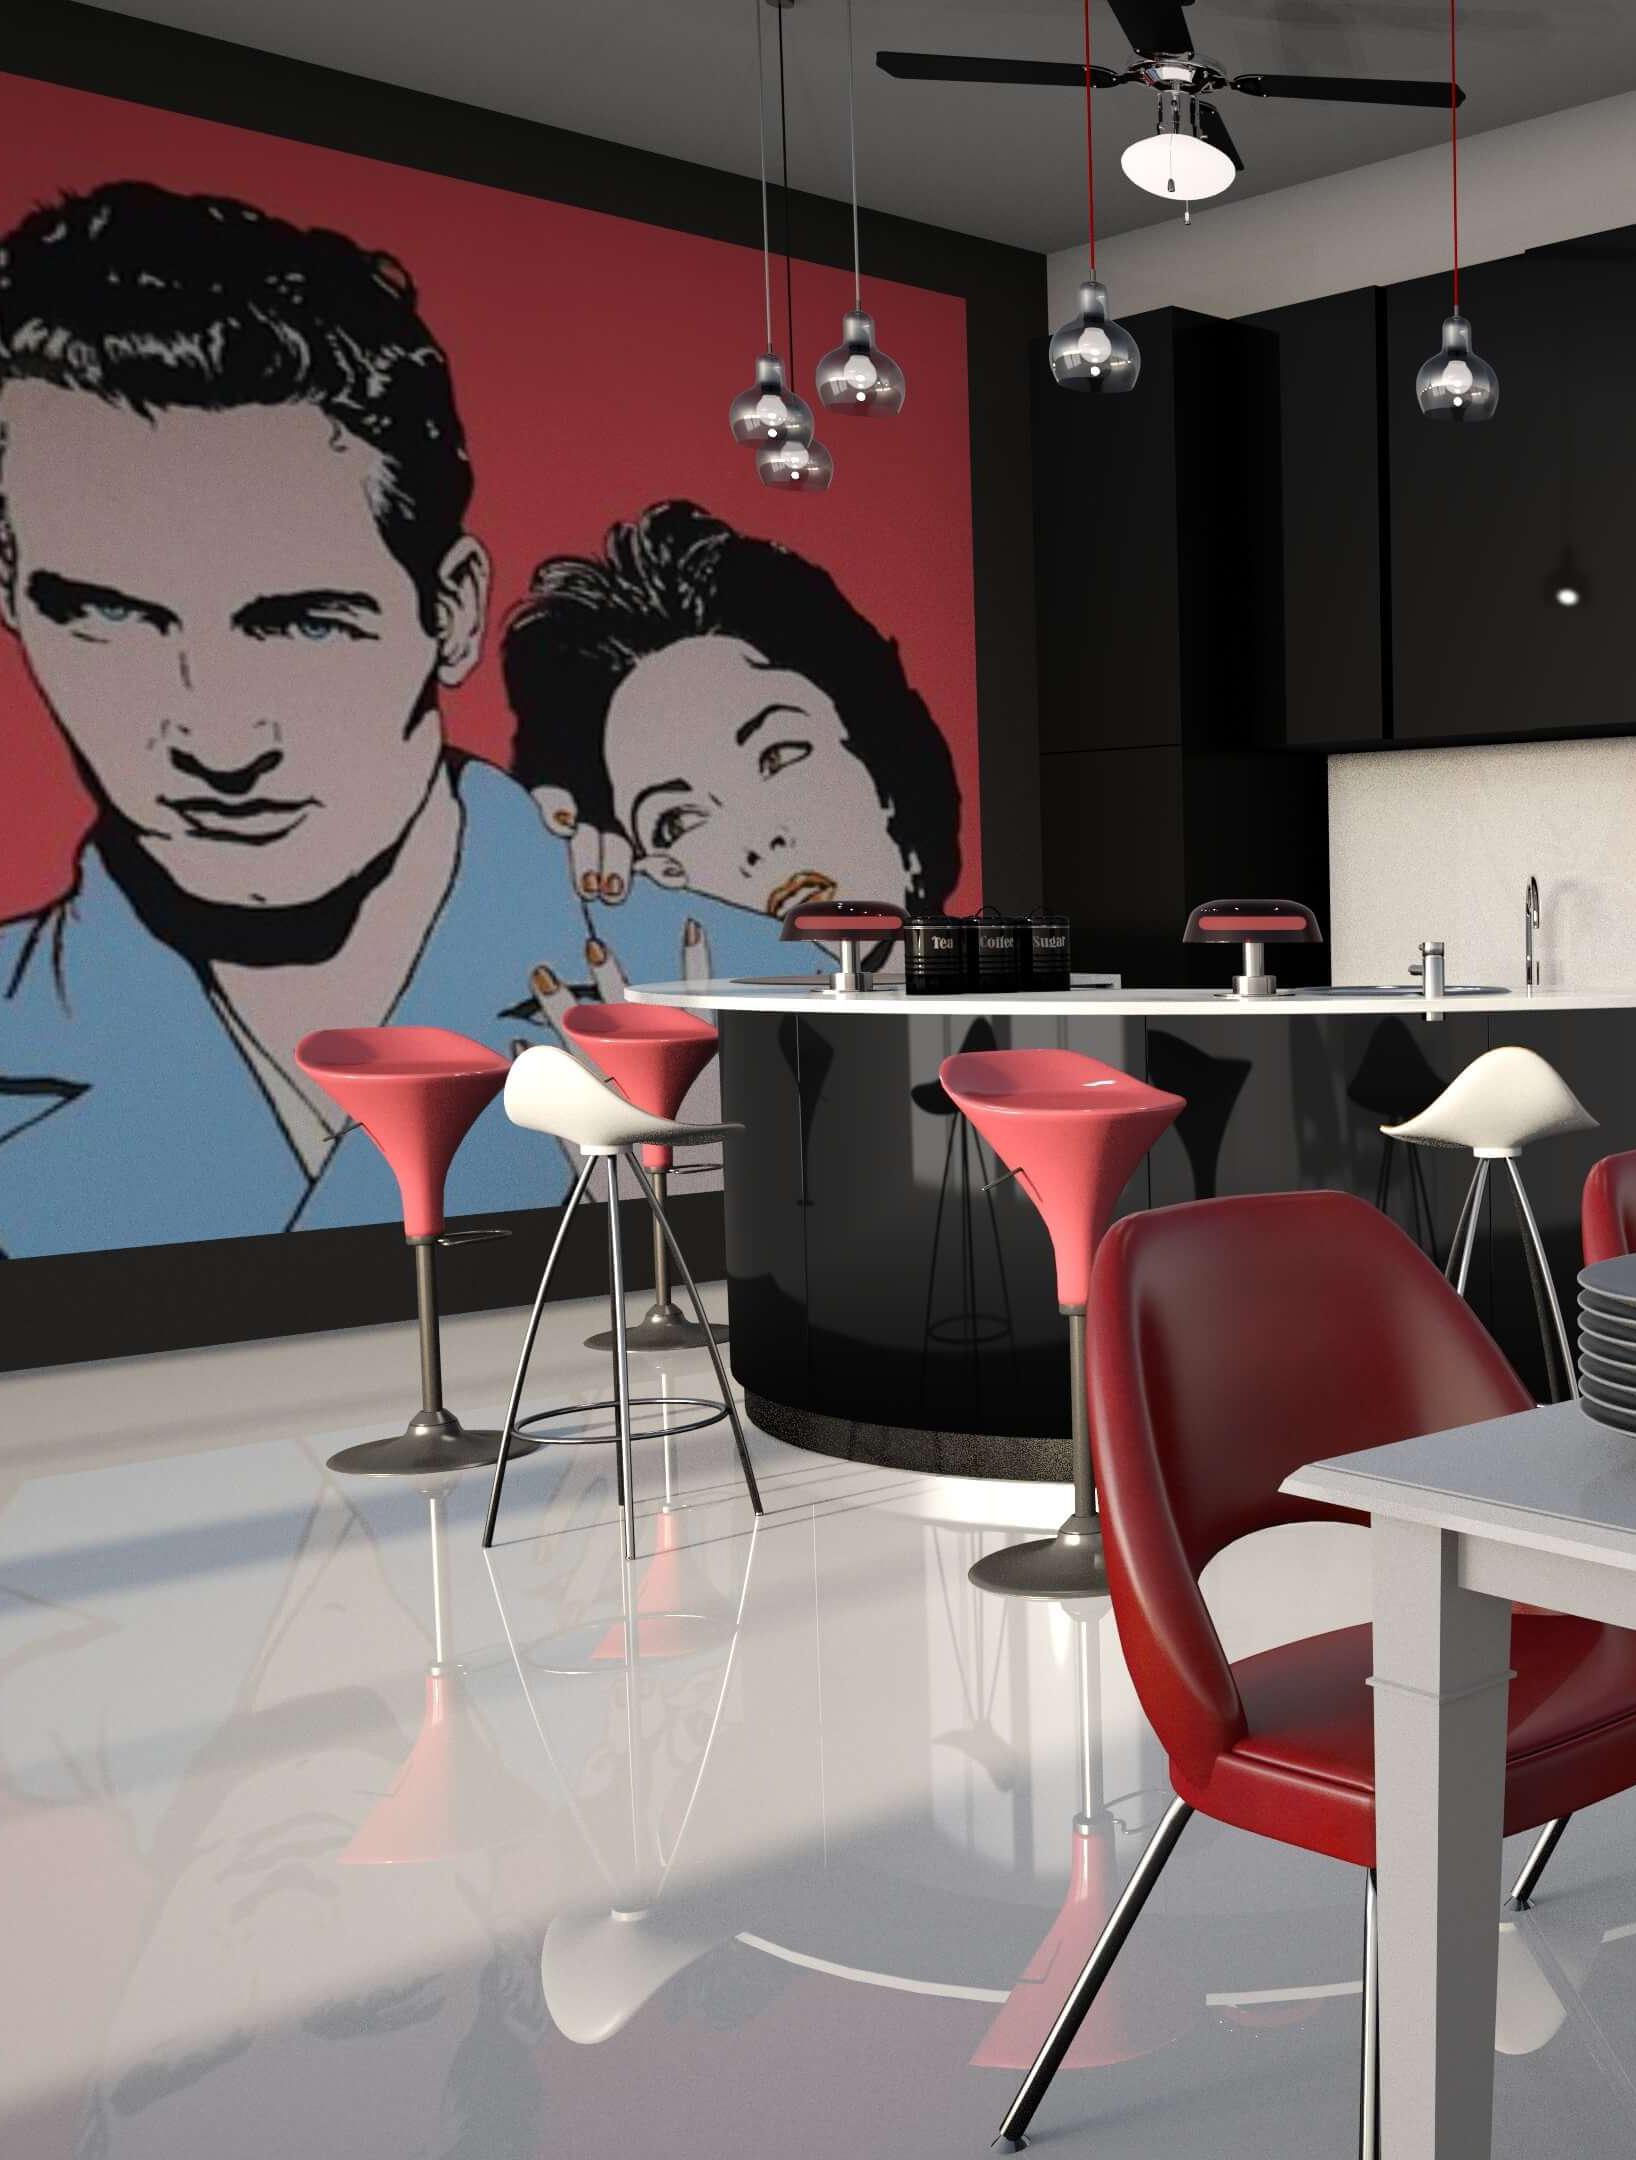 дизайн квартиры в новостройке, Dofamine